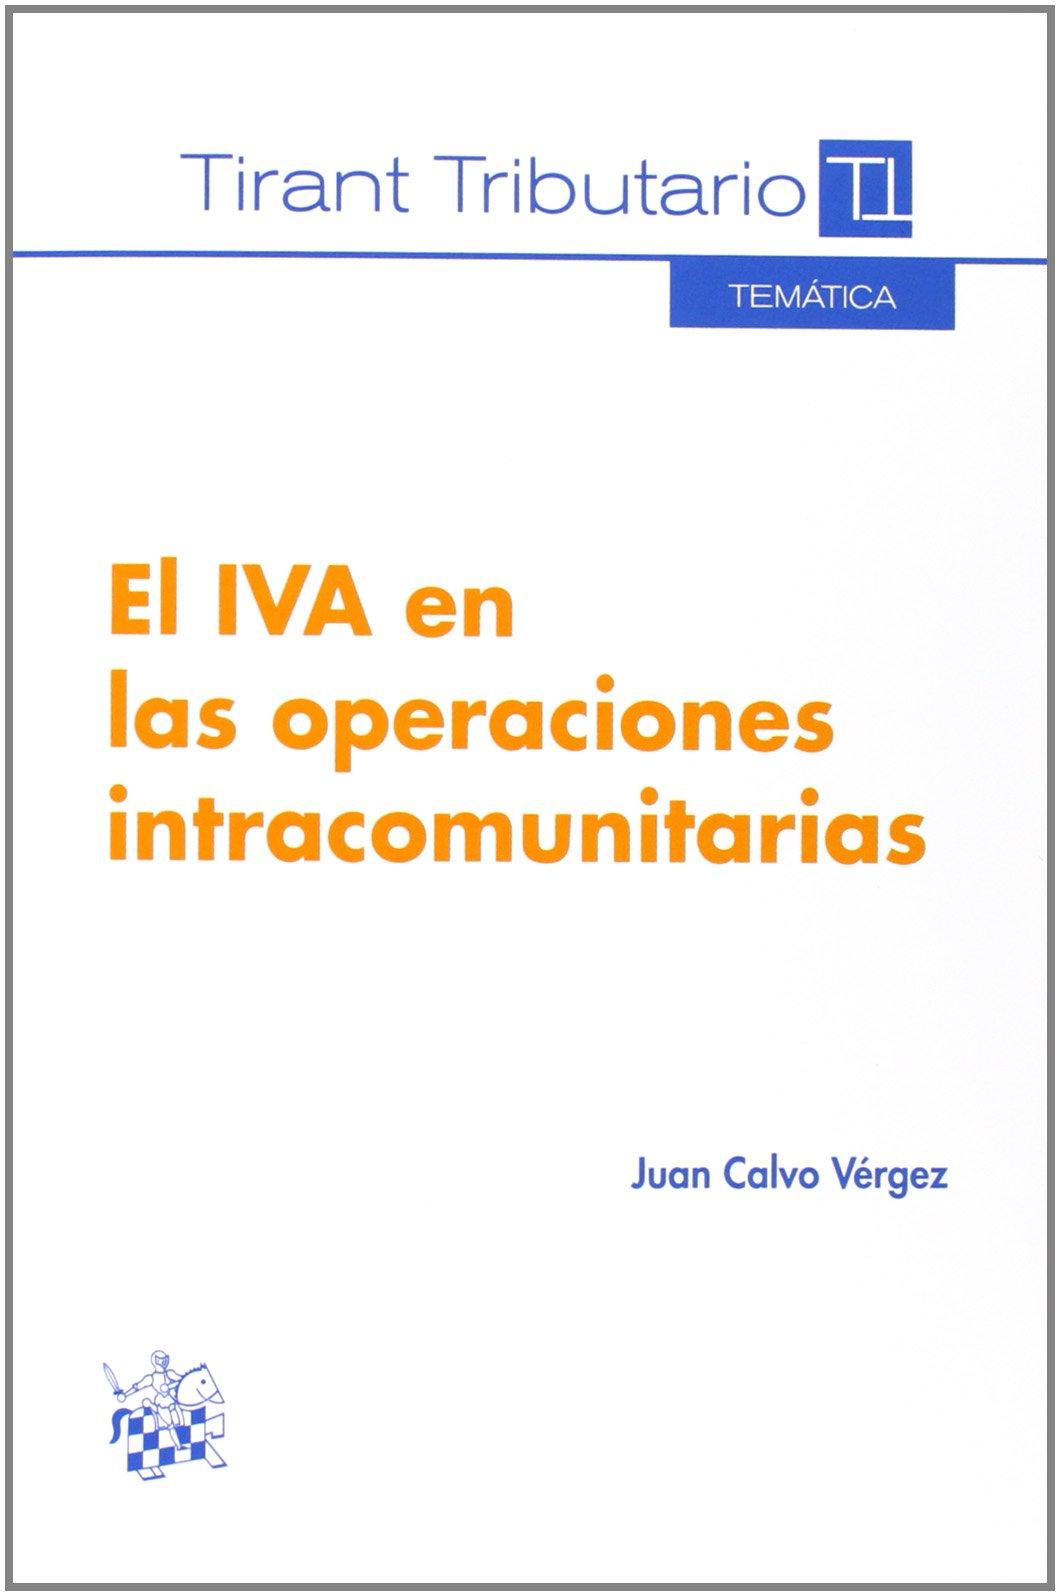 El IVA en las operaciones intracomunitarias Temática Tirant Tributario: Amazon.es: Juan Calvo Verger: Libros